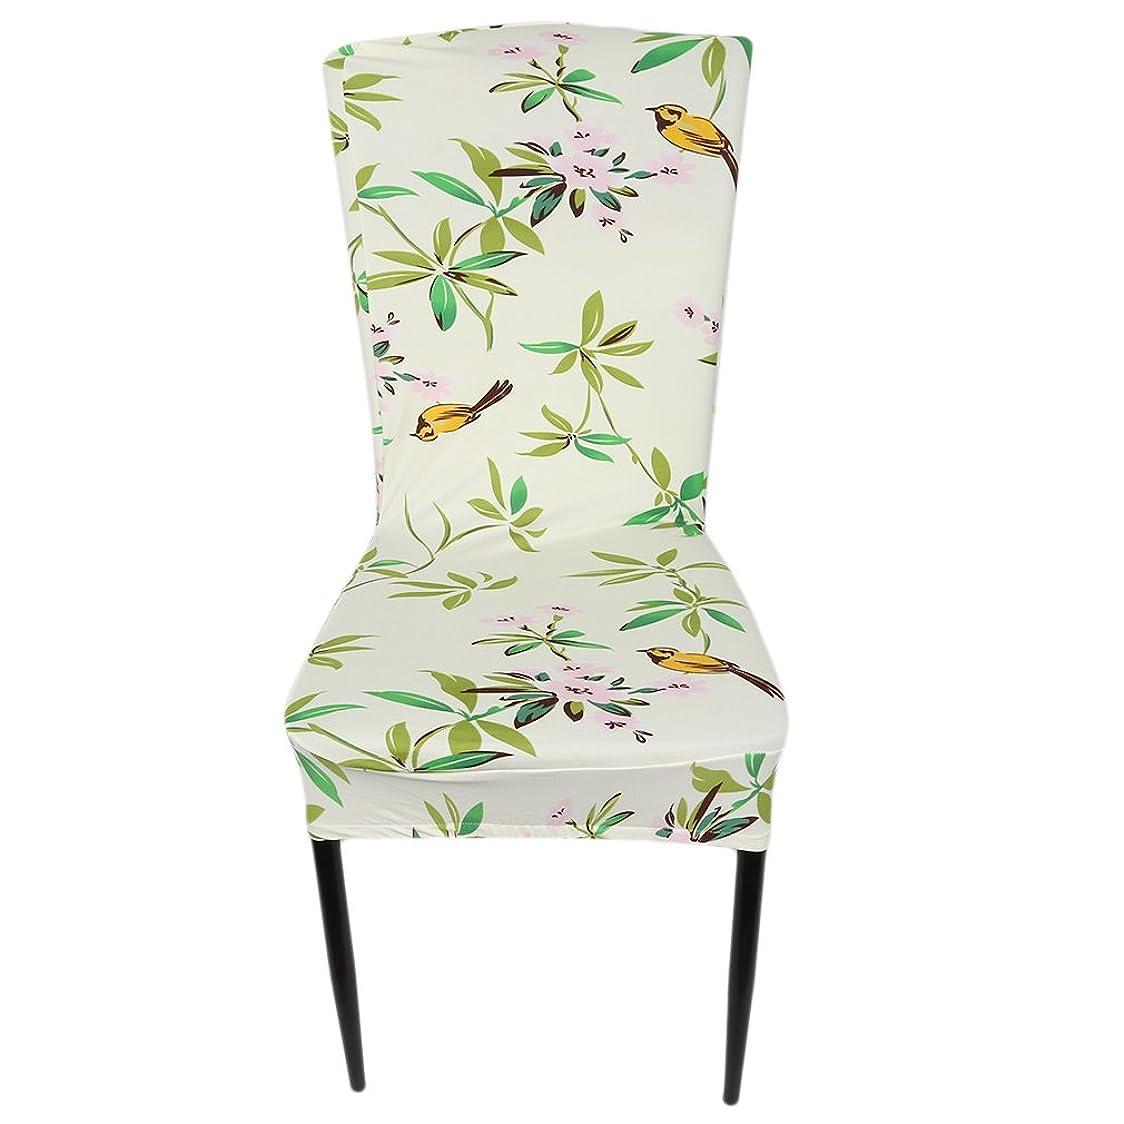 徹底重要性分布KLUMA 椅子カバー チェアカバー  ストレッチ スリップカバー 家具カバー 洗濯可能 ダイニング 伸縮素材 取り外し可能 家具カバー 結婚式 パーティ 選べる 10色